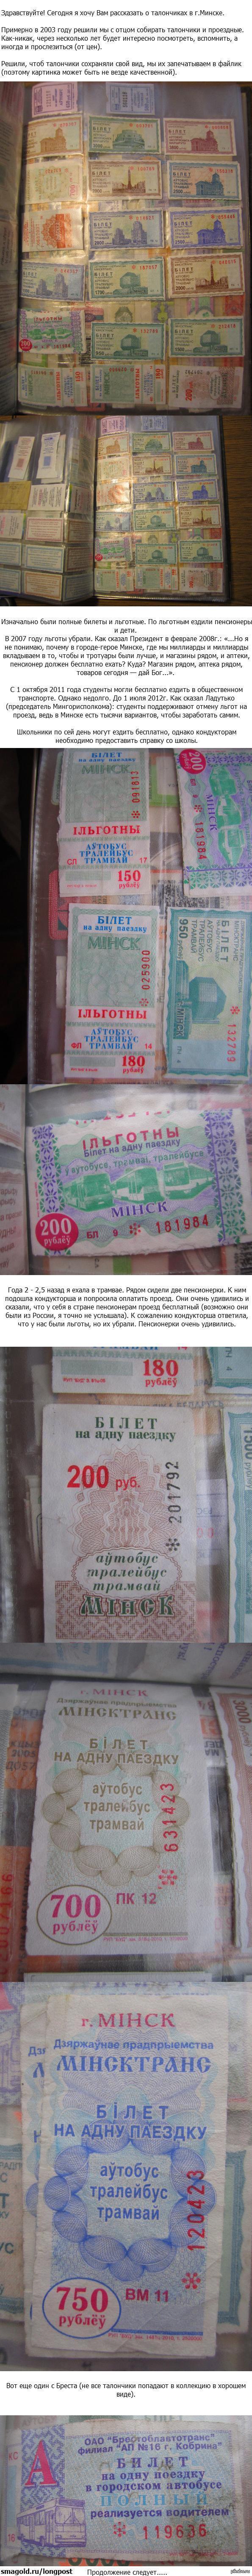 Талончики в г.Минск.  Часть 1. Расскажу Вам о талончиках в г.Минск. Получилось много информации, поэтому сделаю пару длиннопостов.